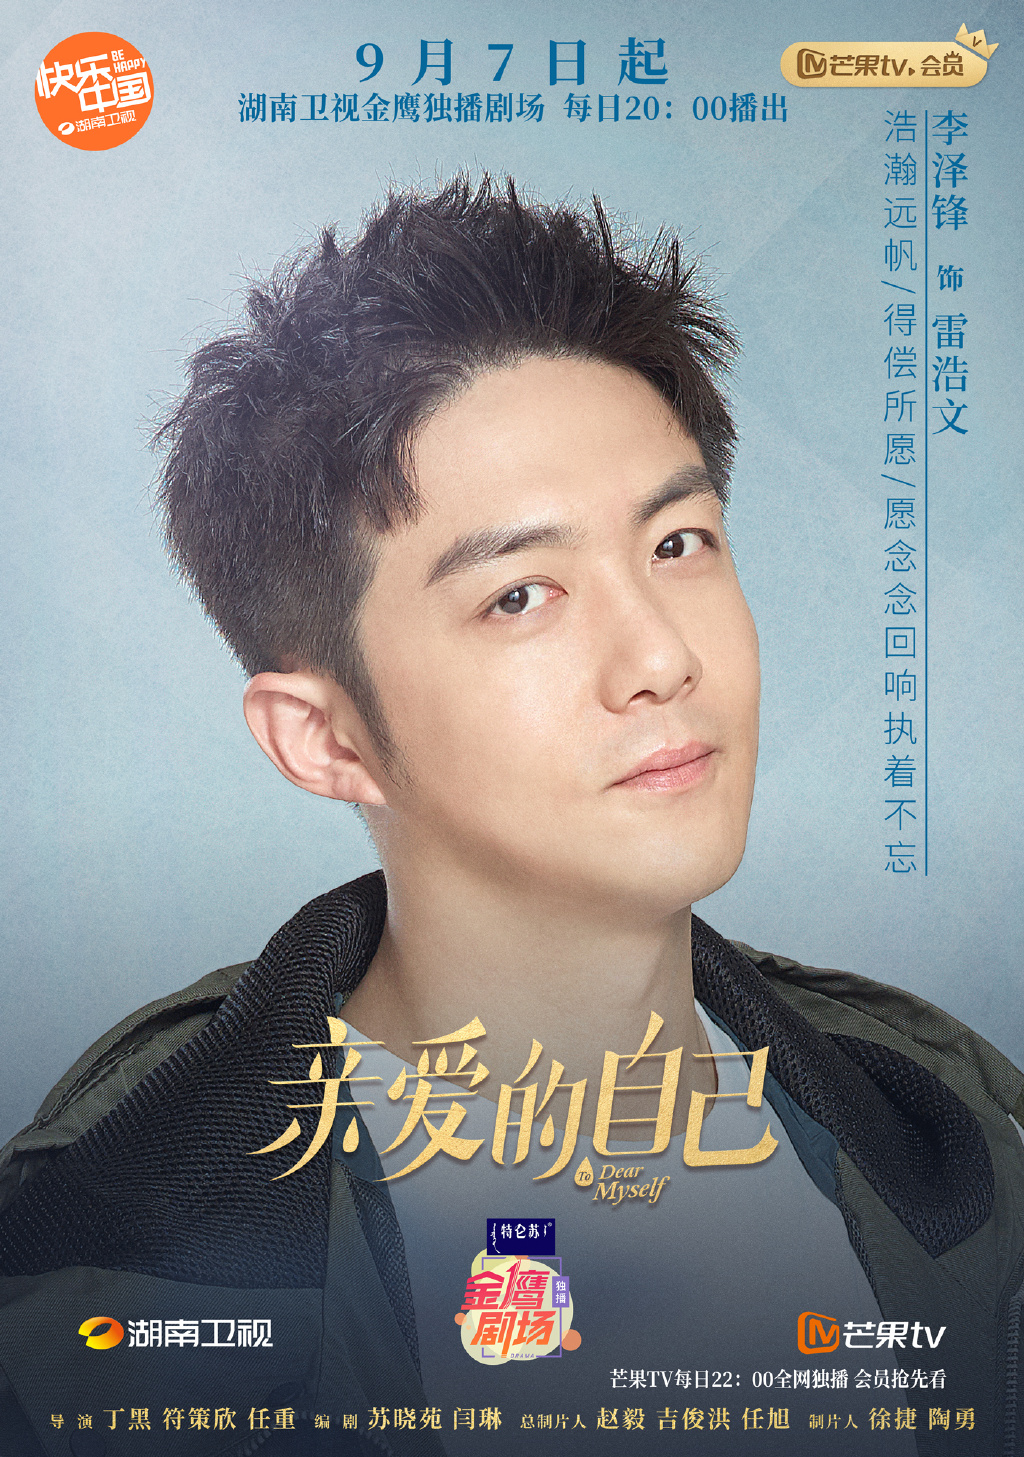 Li Ze Feng